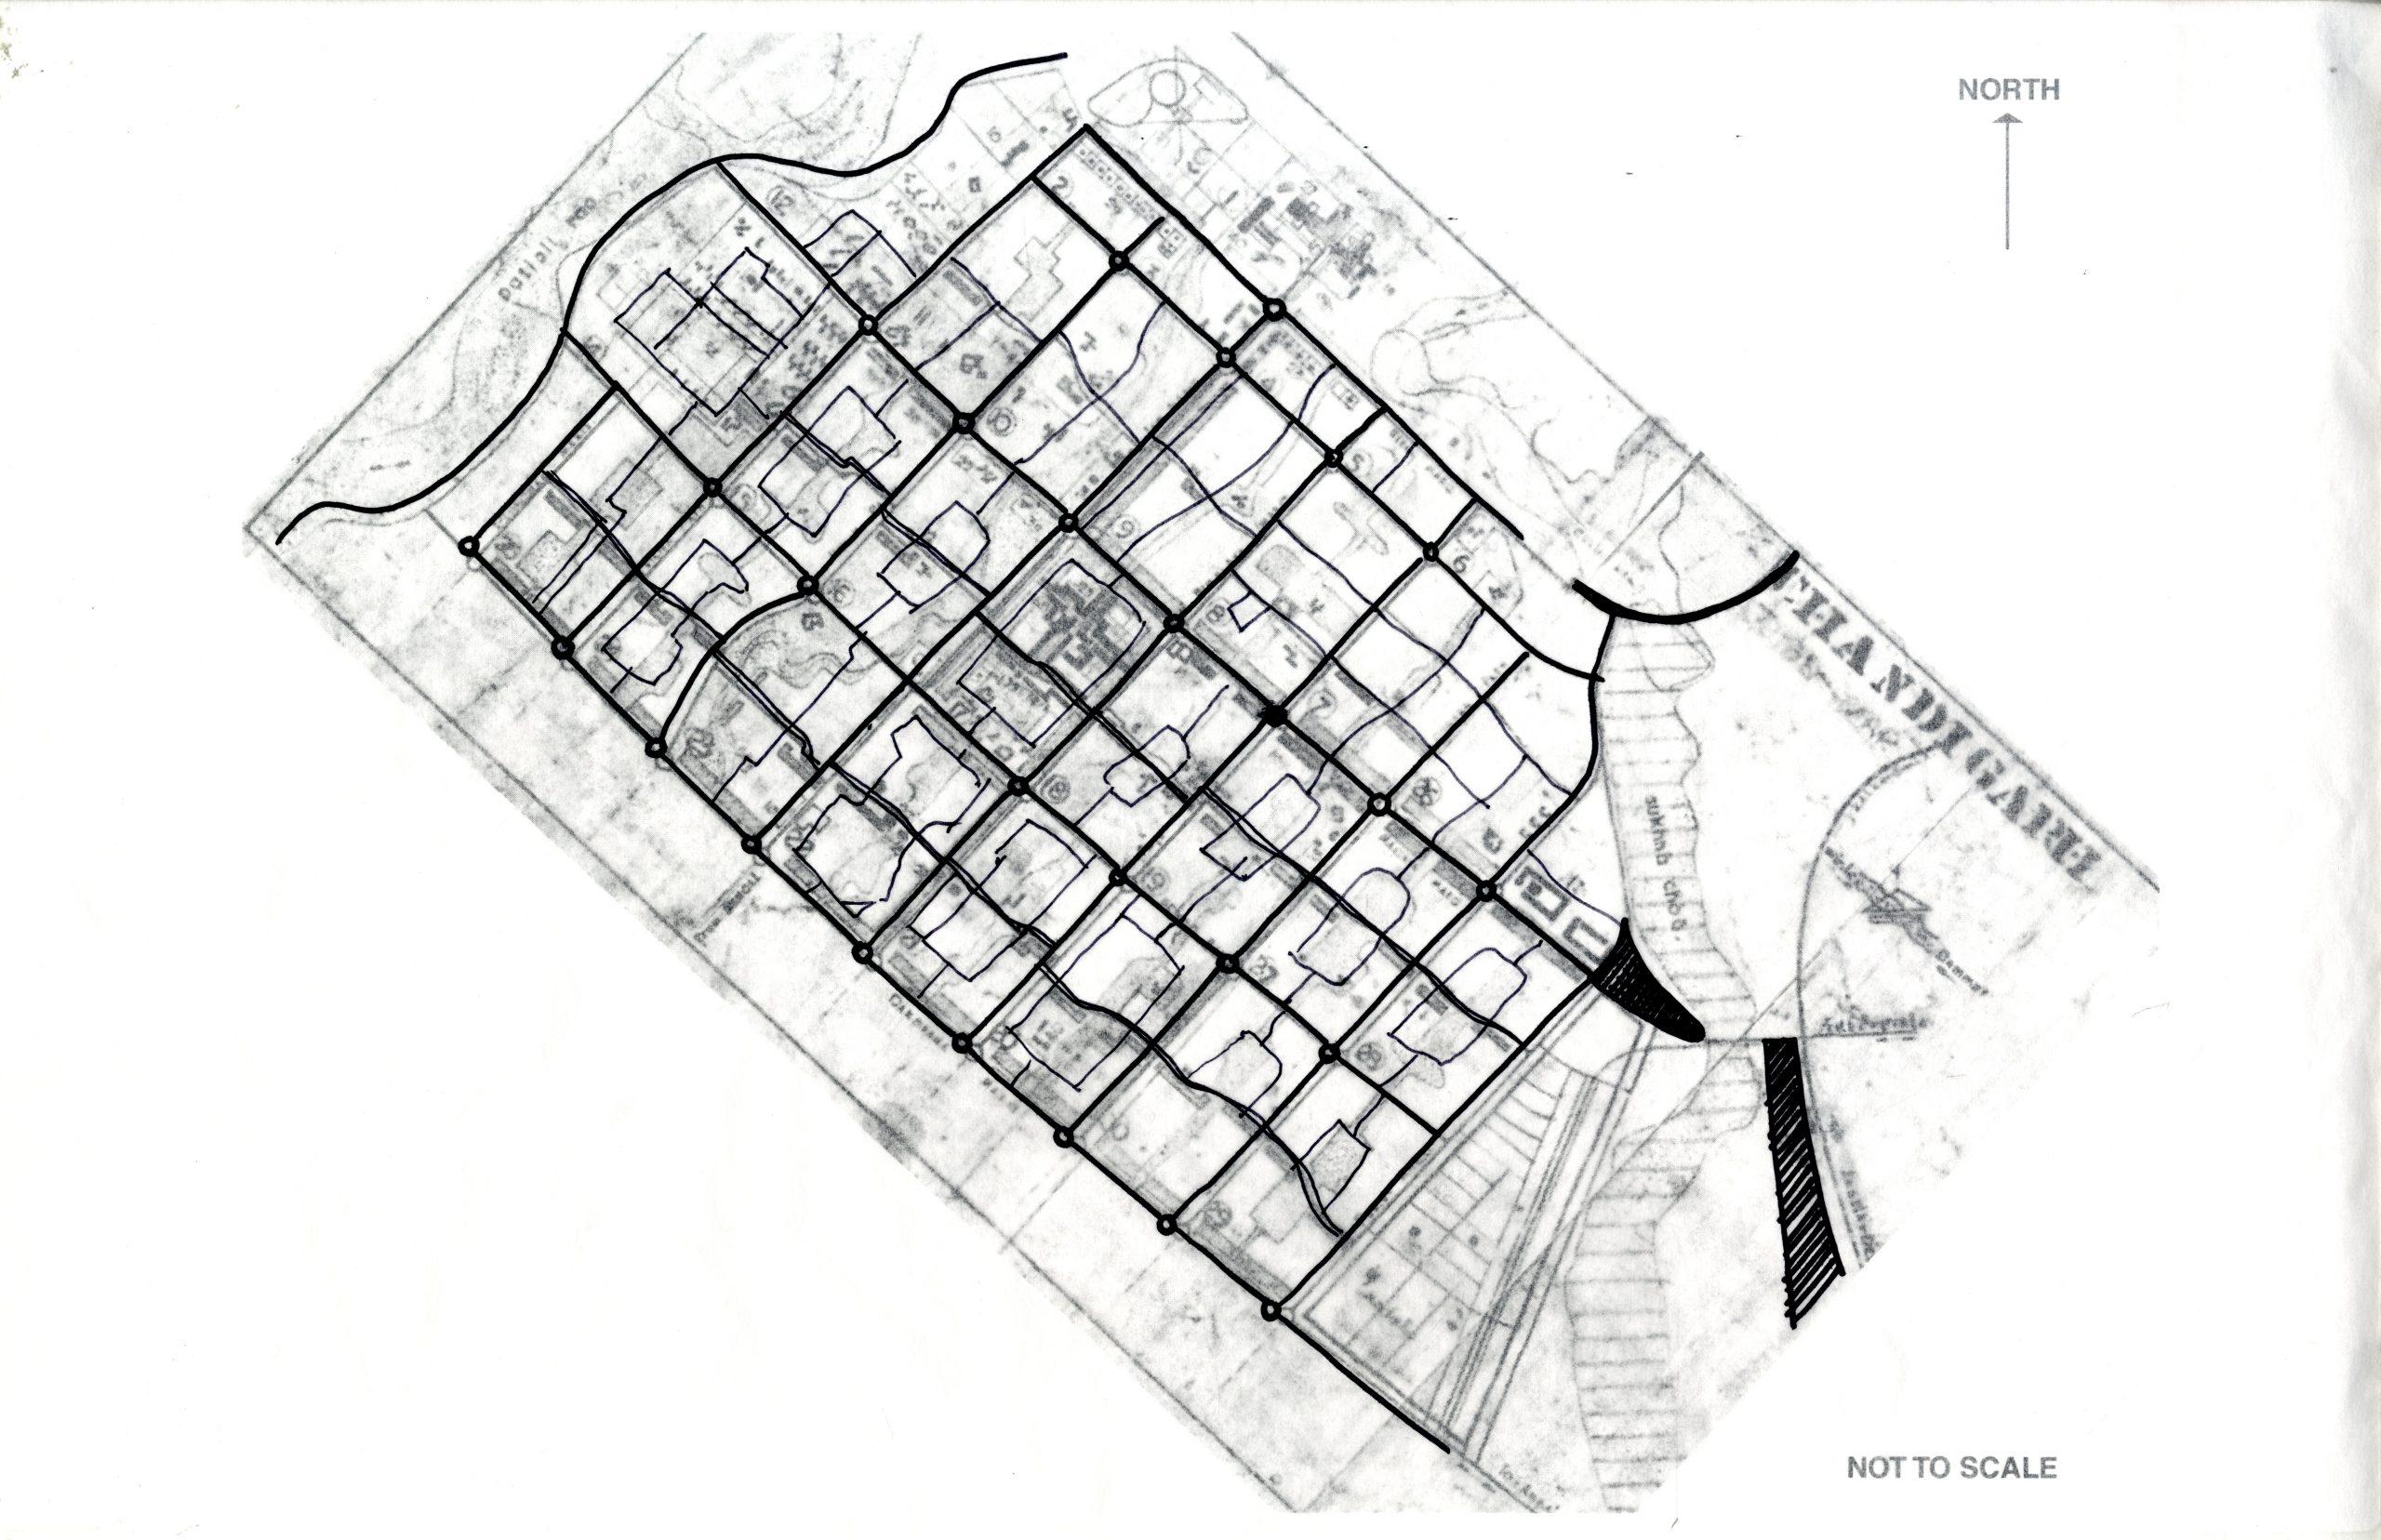 Urban analysis of Chandigarh - roads